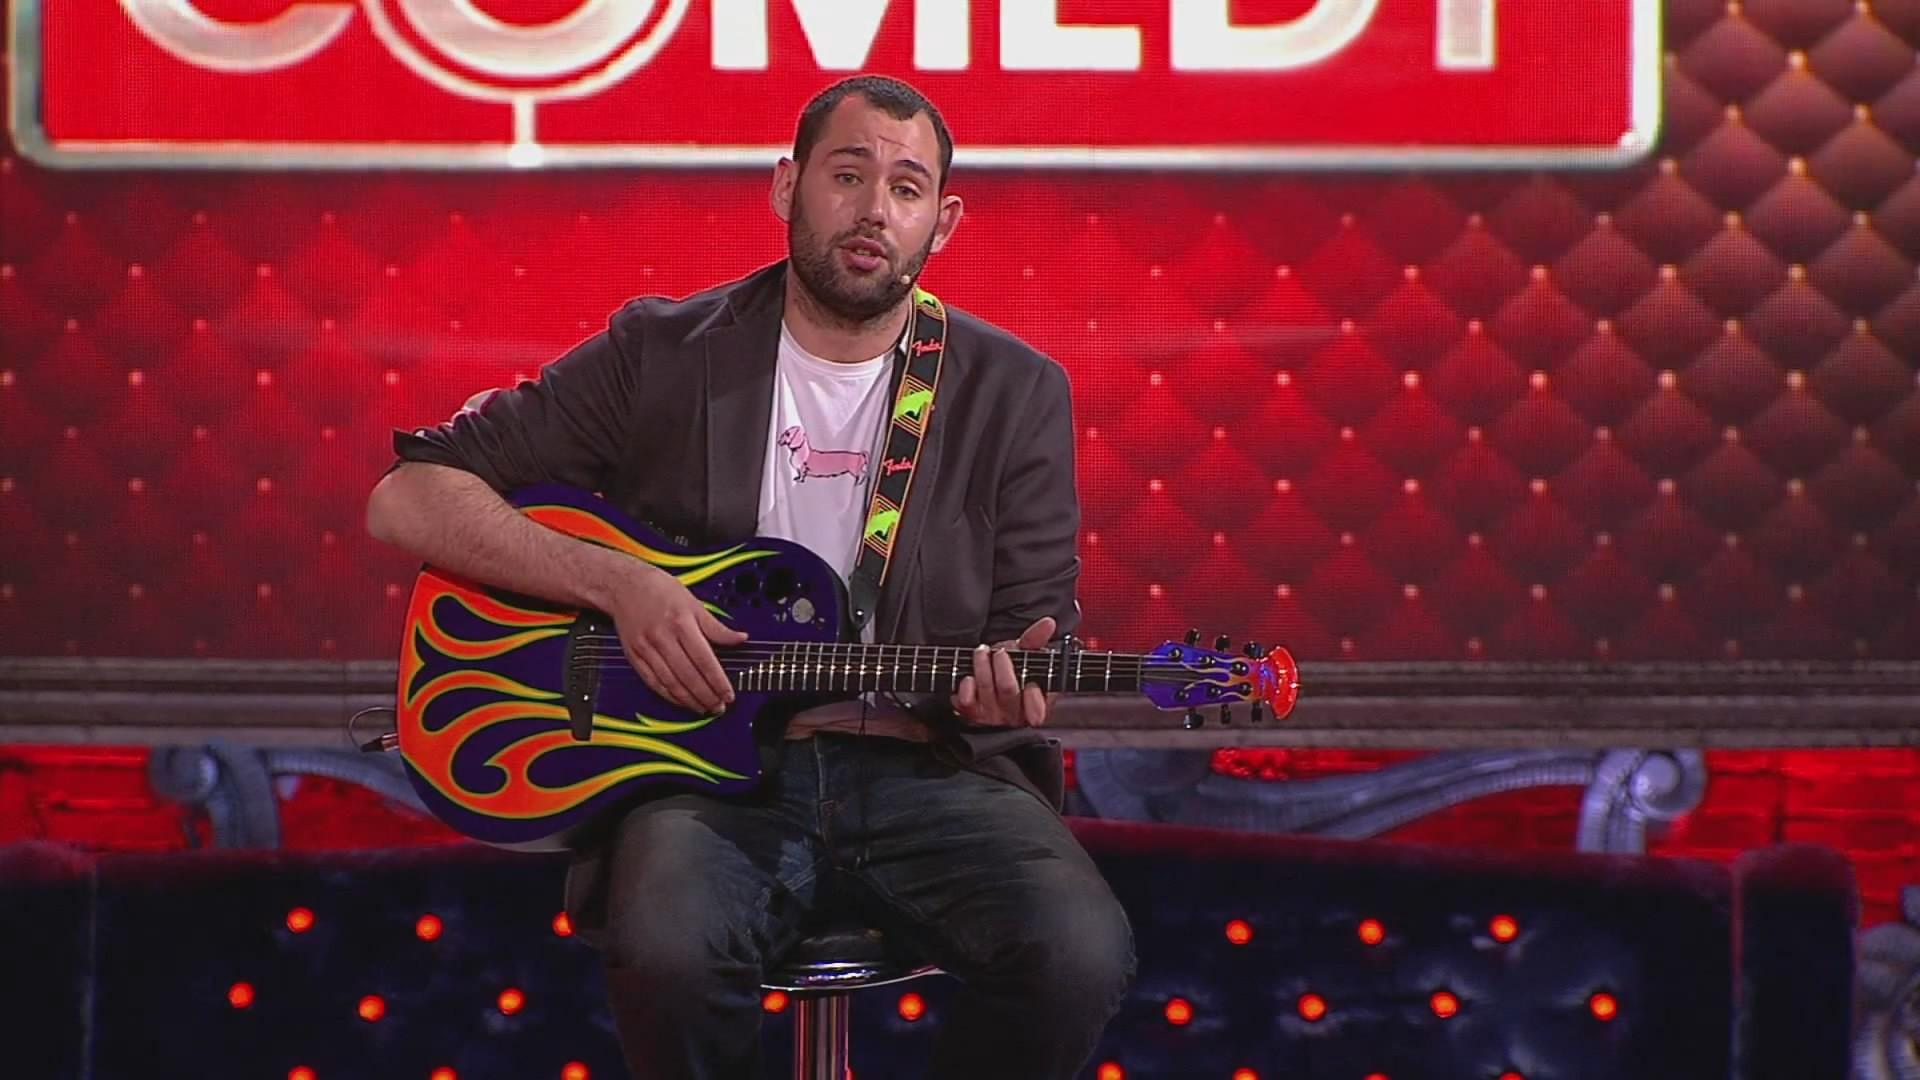 Семен Слепаков исполнил песню обелом порошке итварях из«Дома-2»